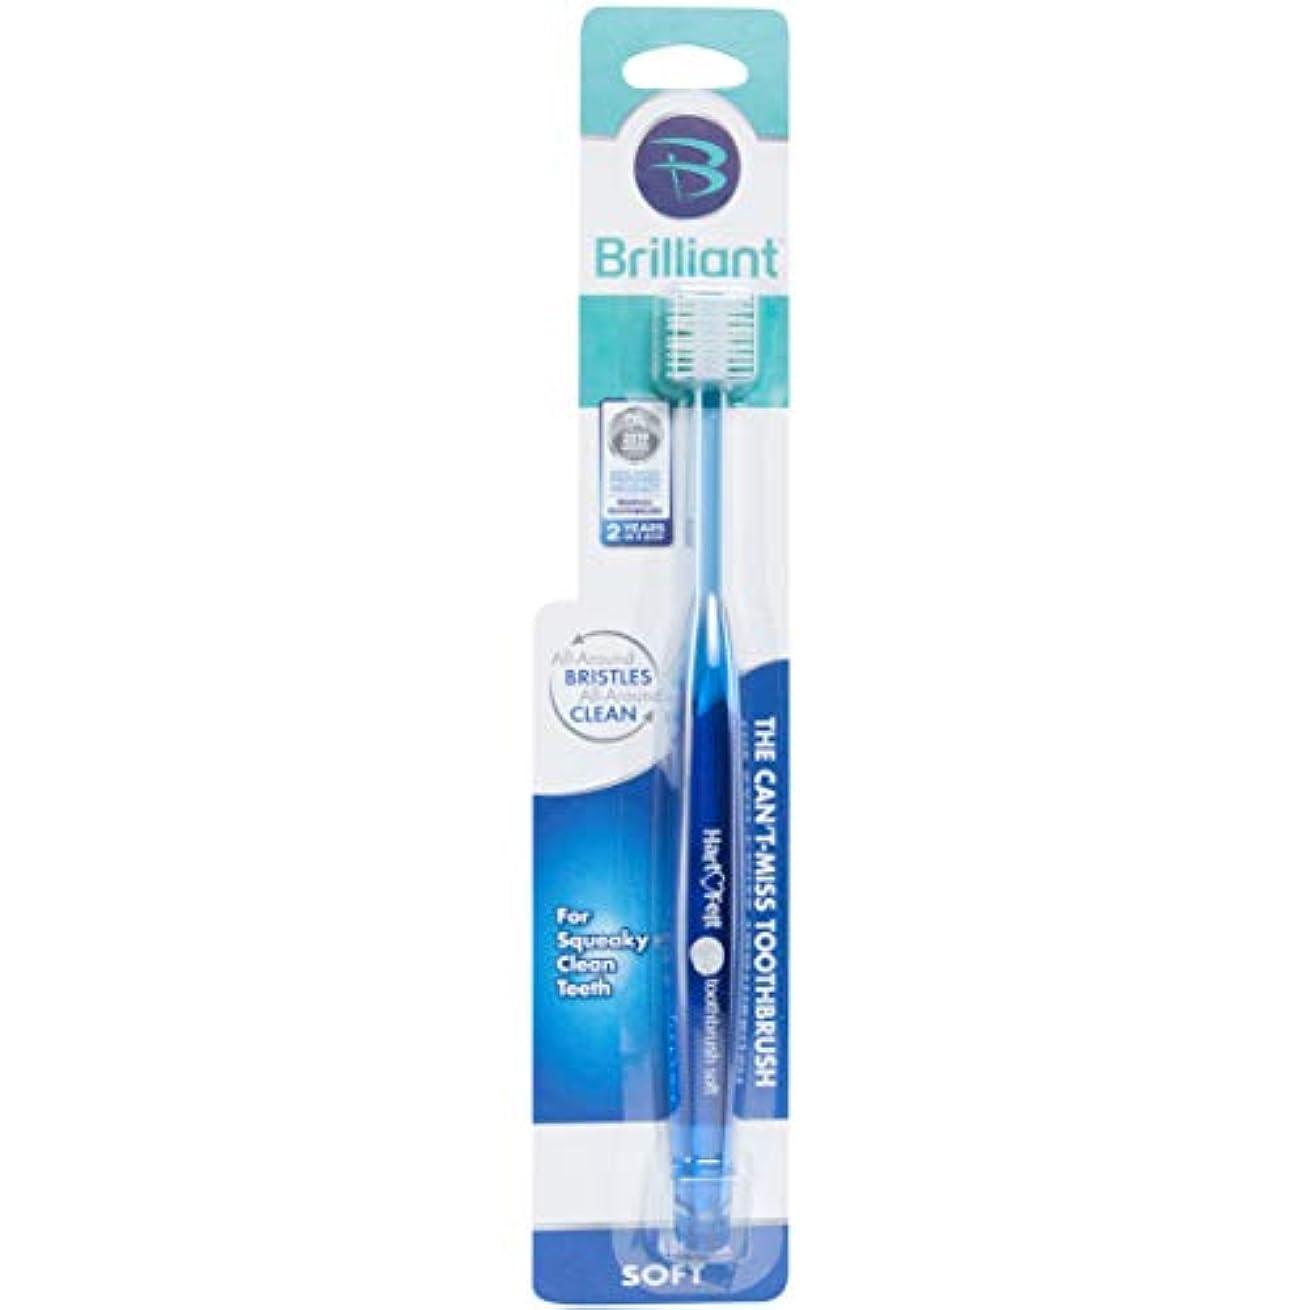 内なる弾薬馬鹿げた360度 マイクロファインラウンド歯ブラシ 柔らかい大人用歯ブラシ 丸みを帯びた先端の毛で簡単で効果的なクリーニングを!(カラー ブルー) (1ブラシ)